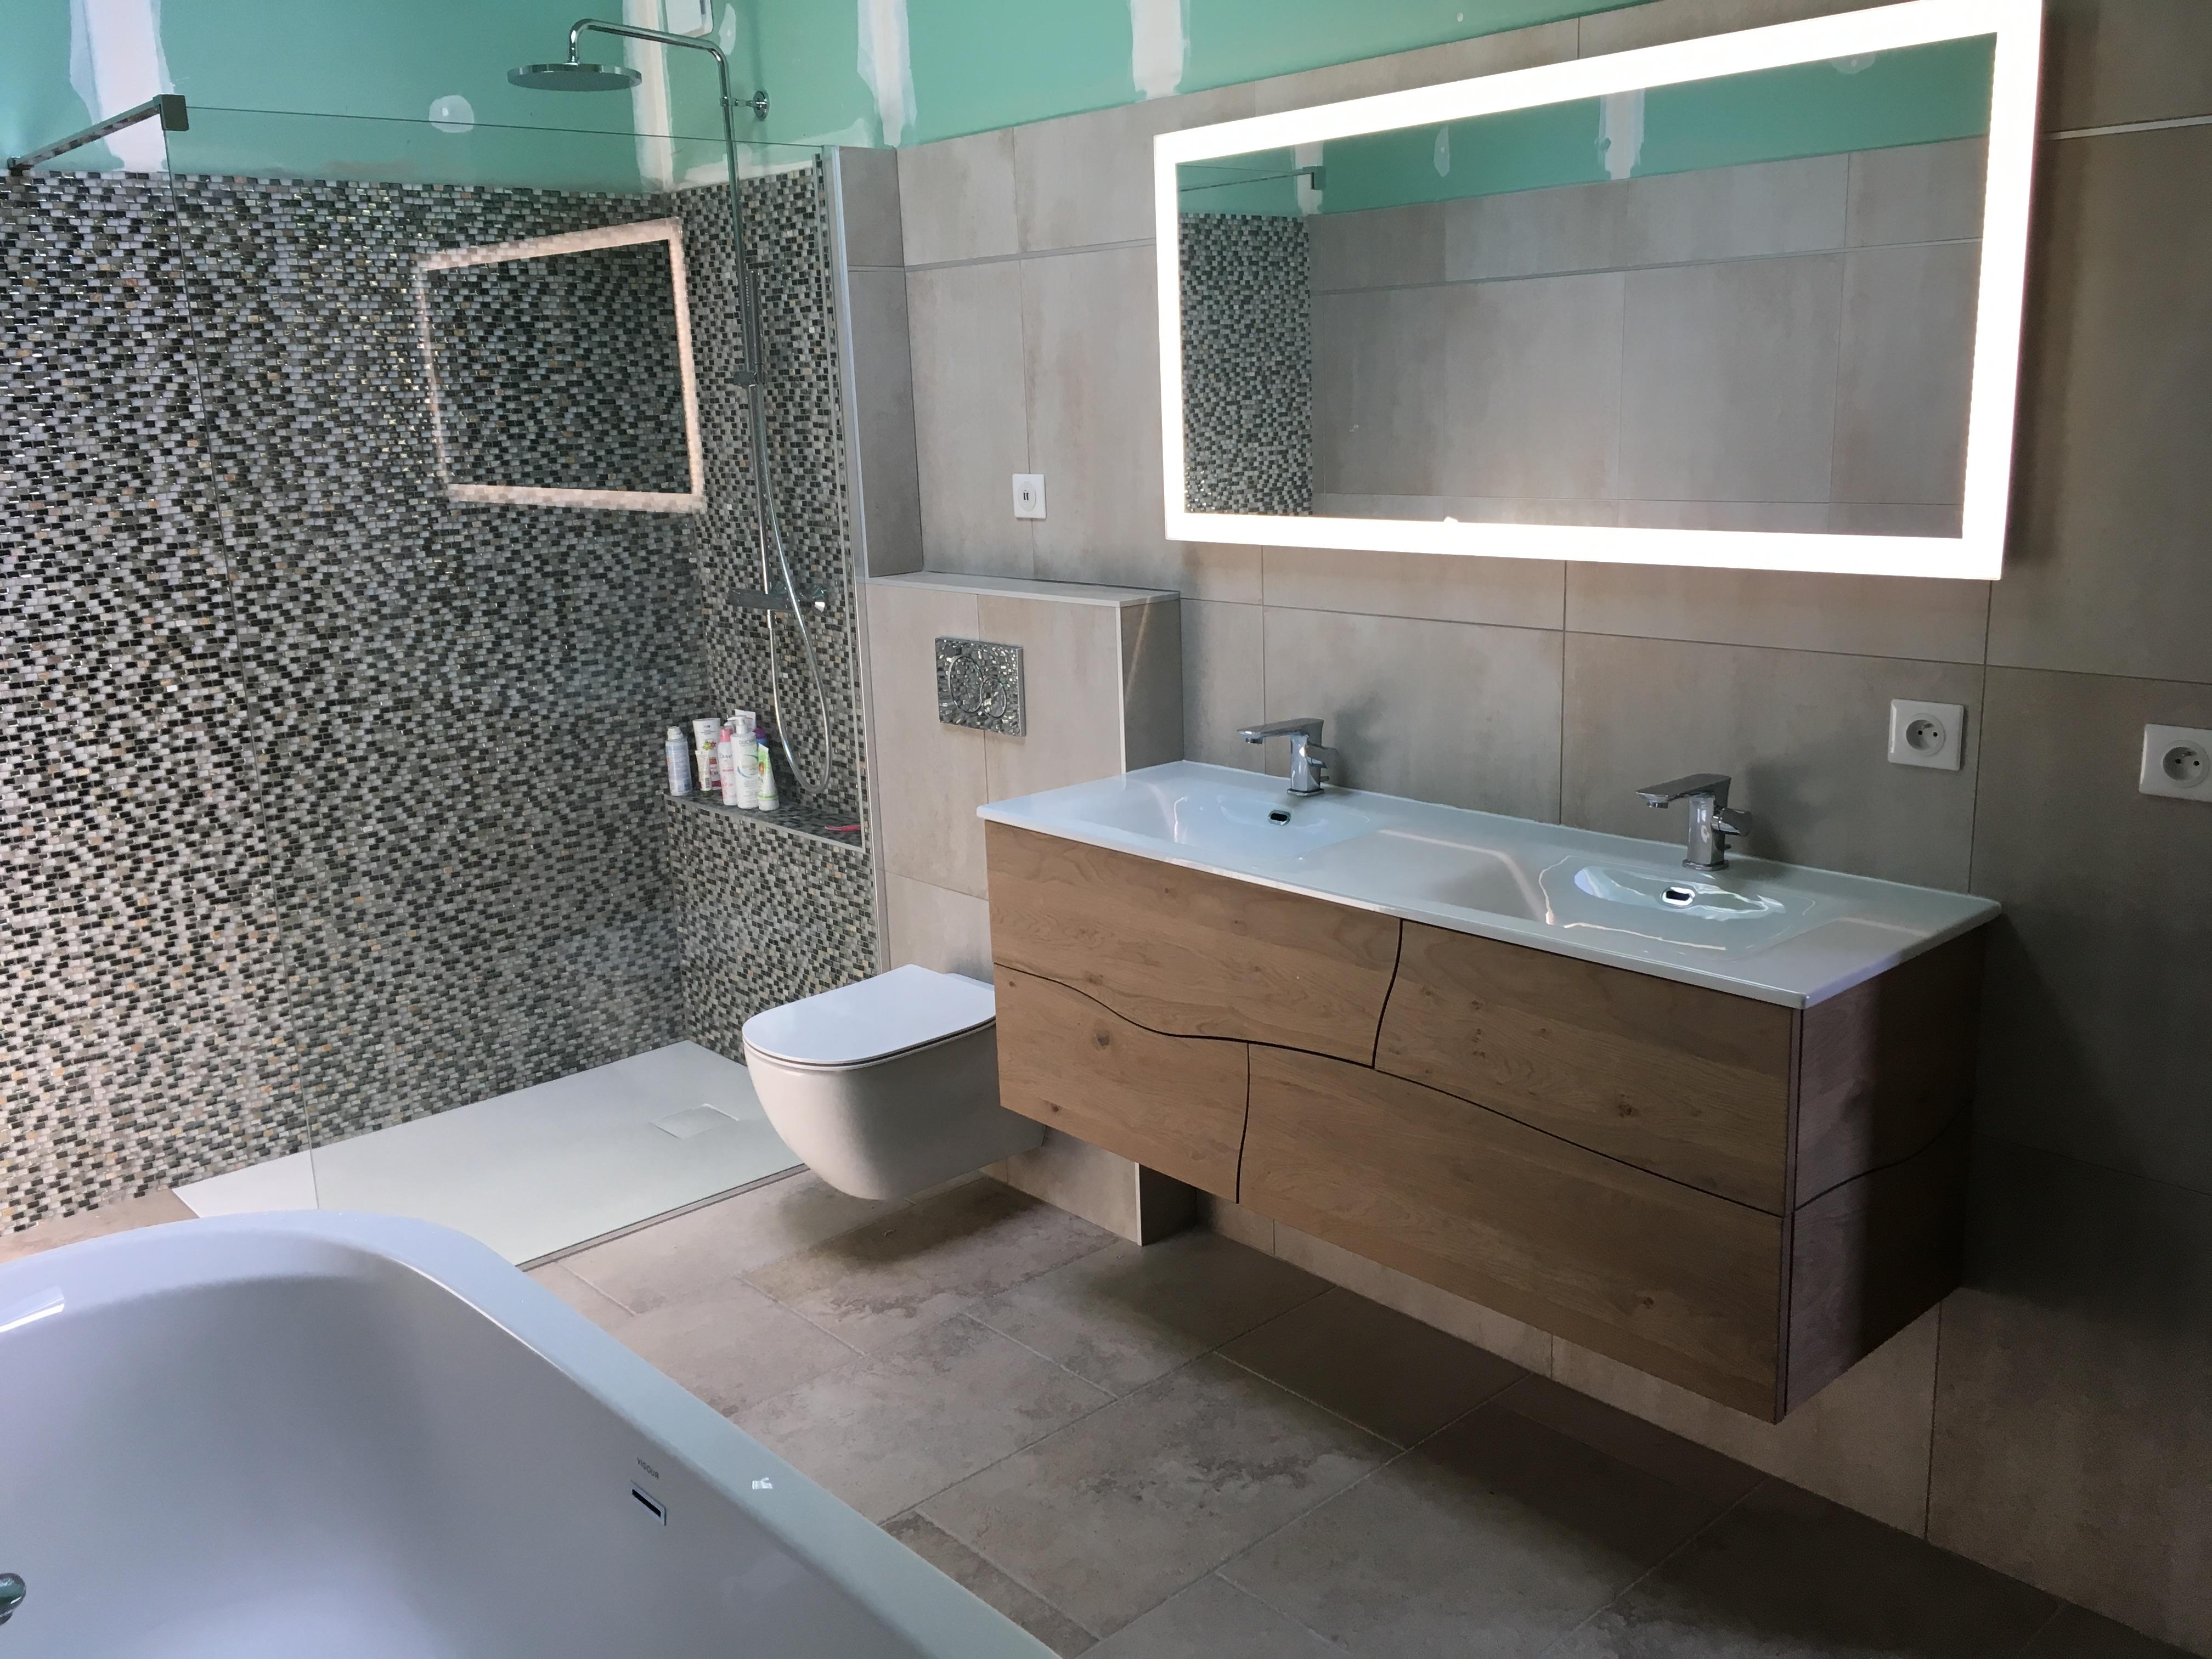 R alisation des travaux pour une salle de bains - Concevoir salle de bain ...